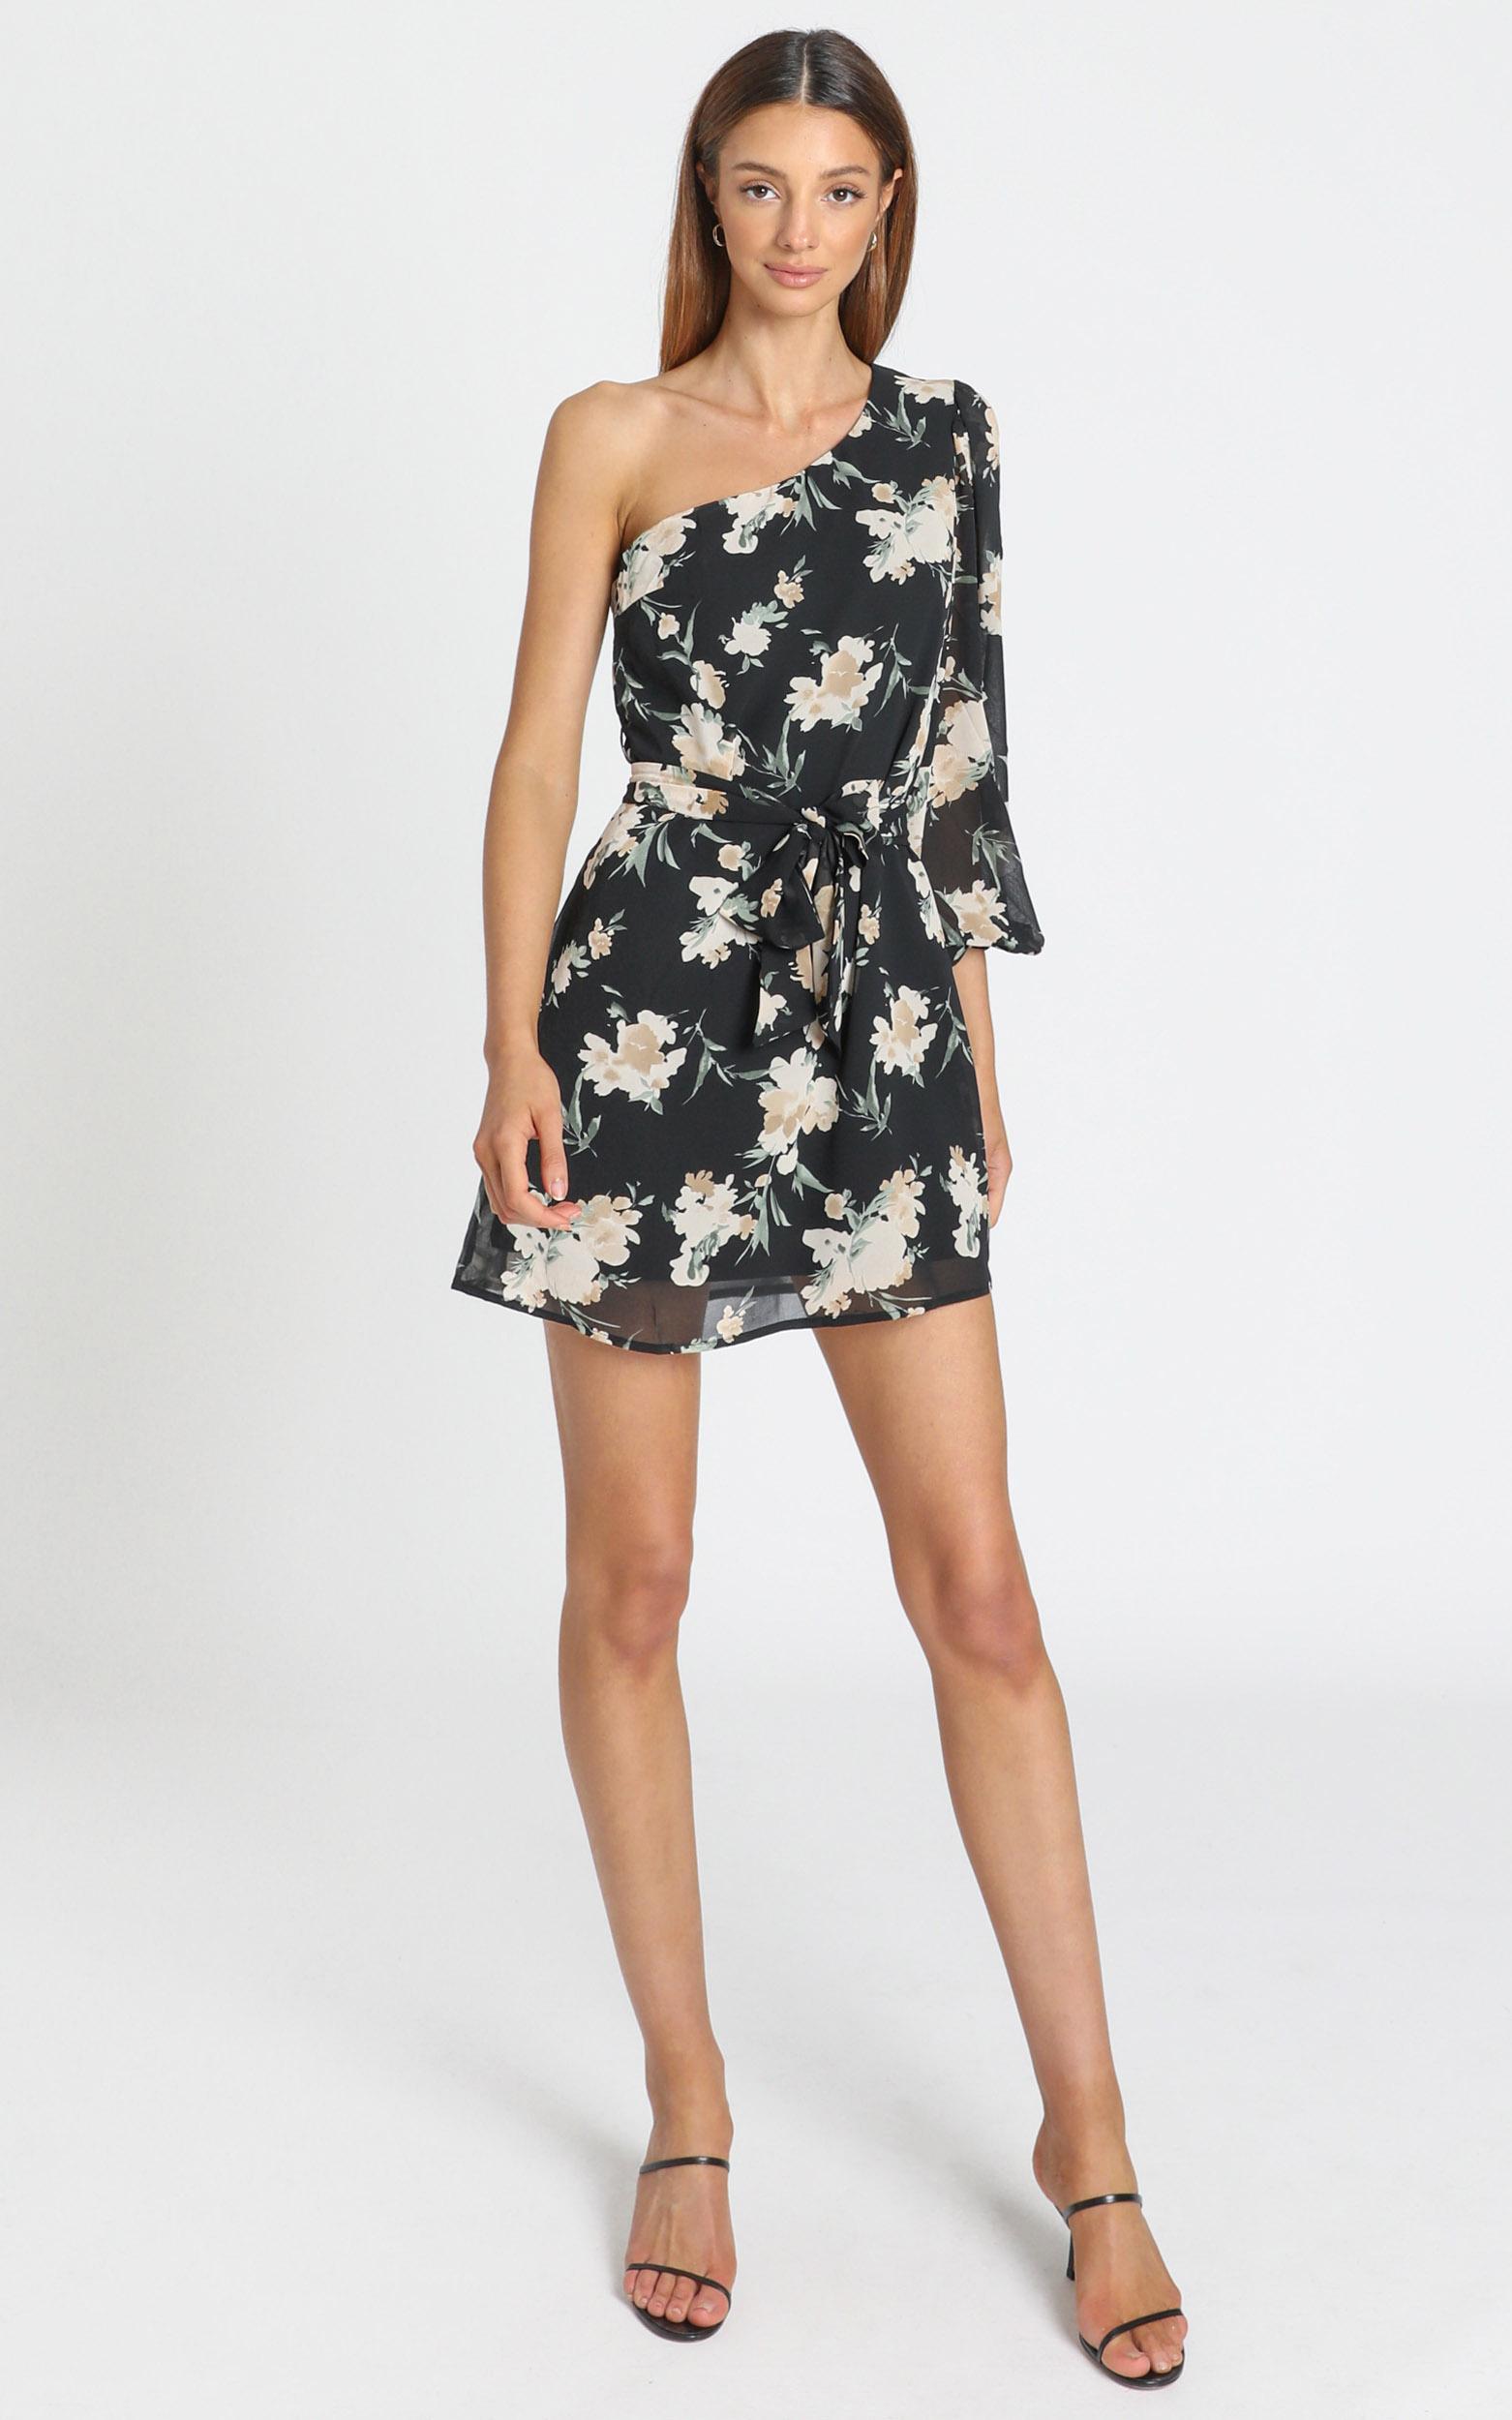 Tasha Dress in black floral - 6 (XS), Black, hi-res image number null